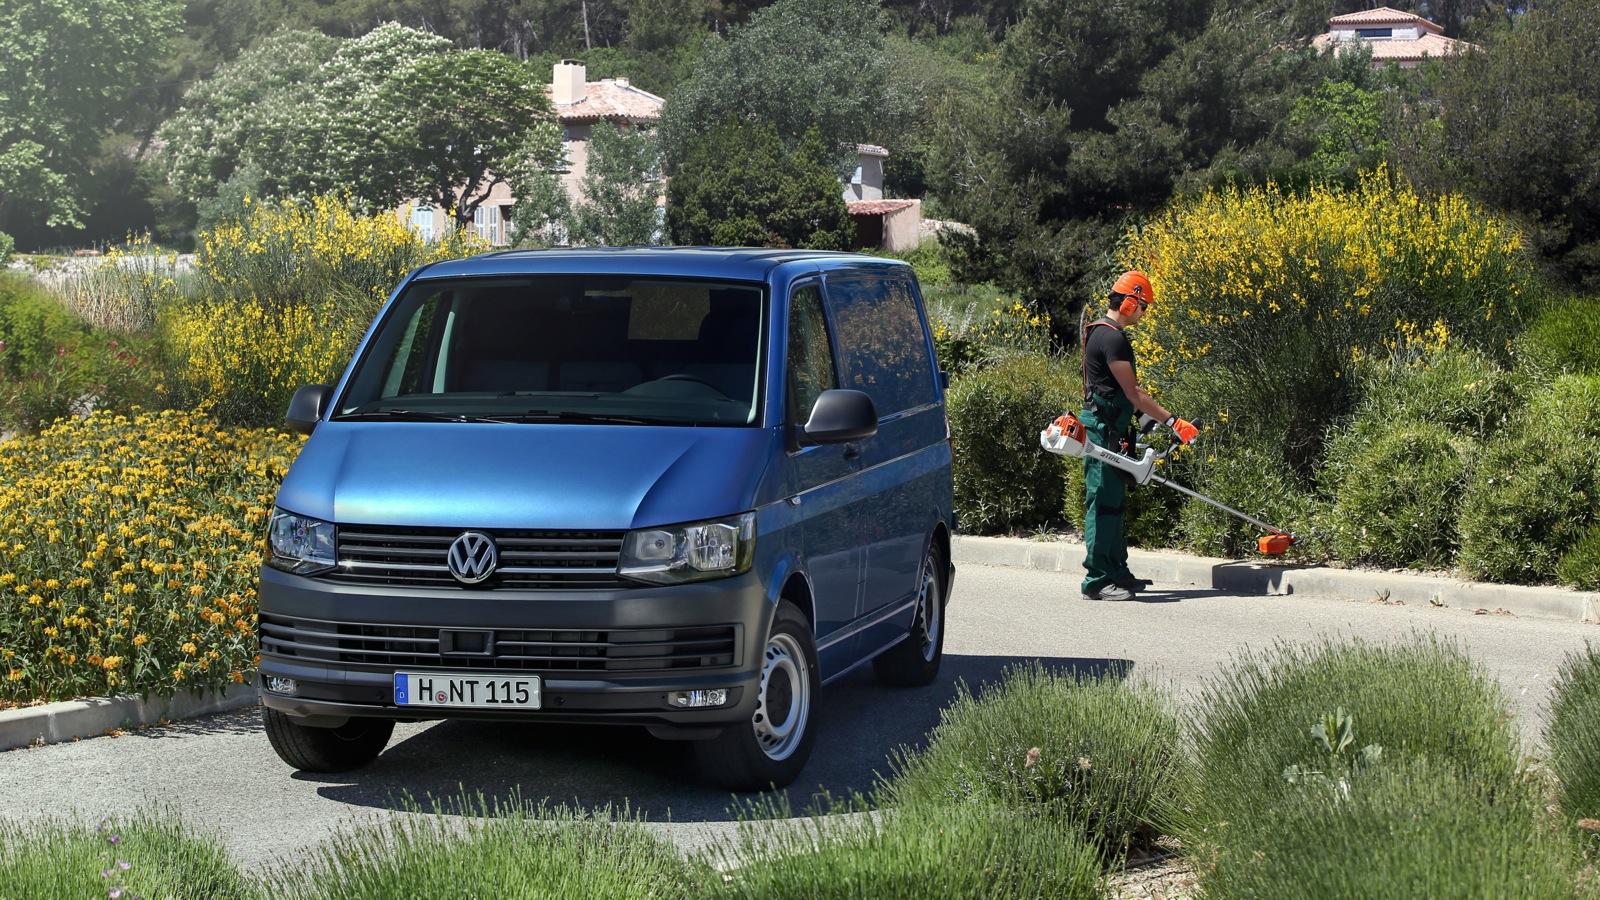 volkswagen transporter t6 review caradvice. Black Bedroom Furniture Sets. Home Design Ideas